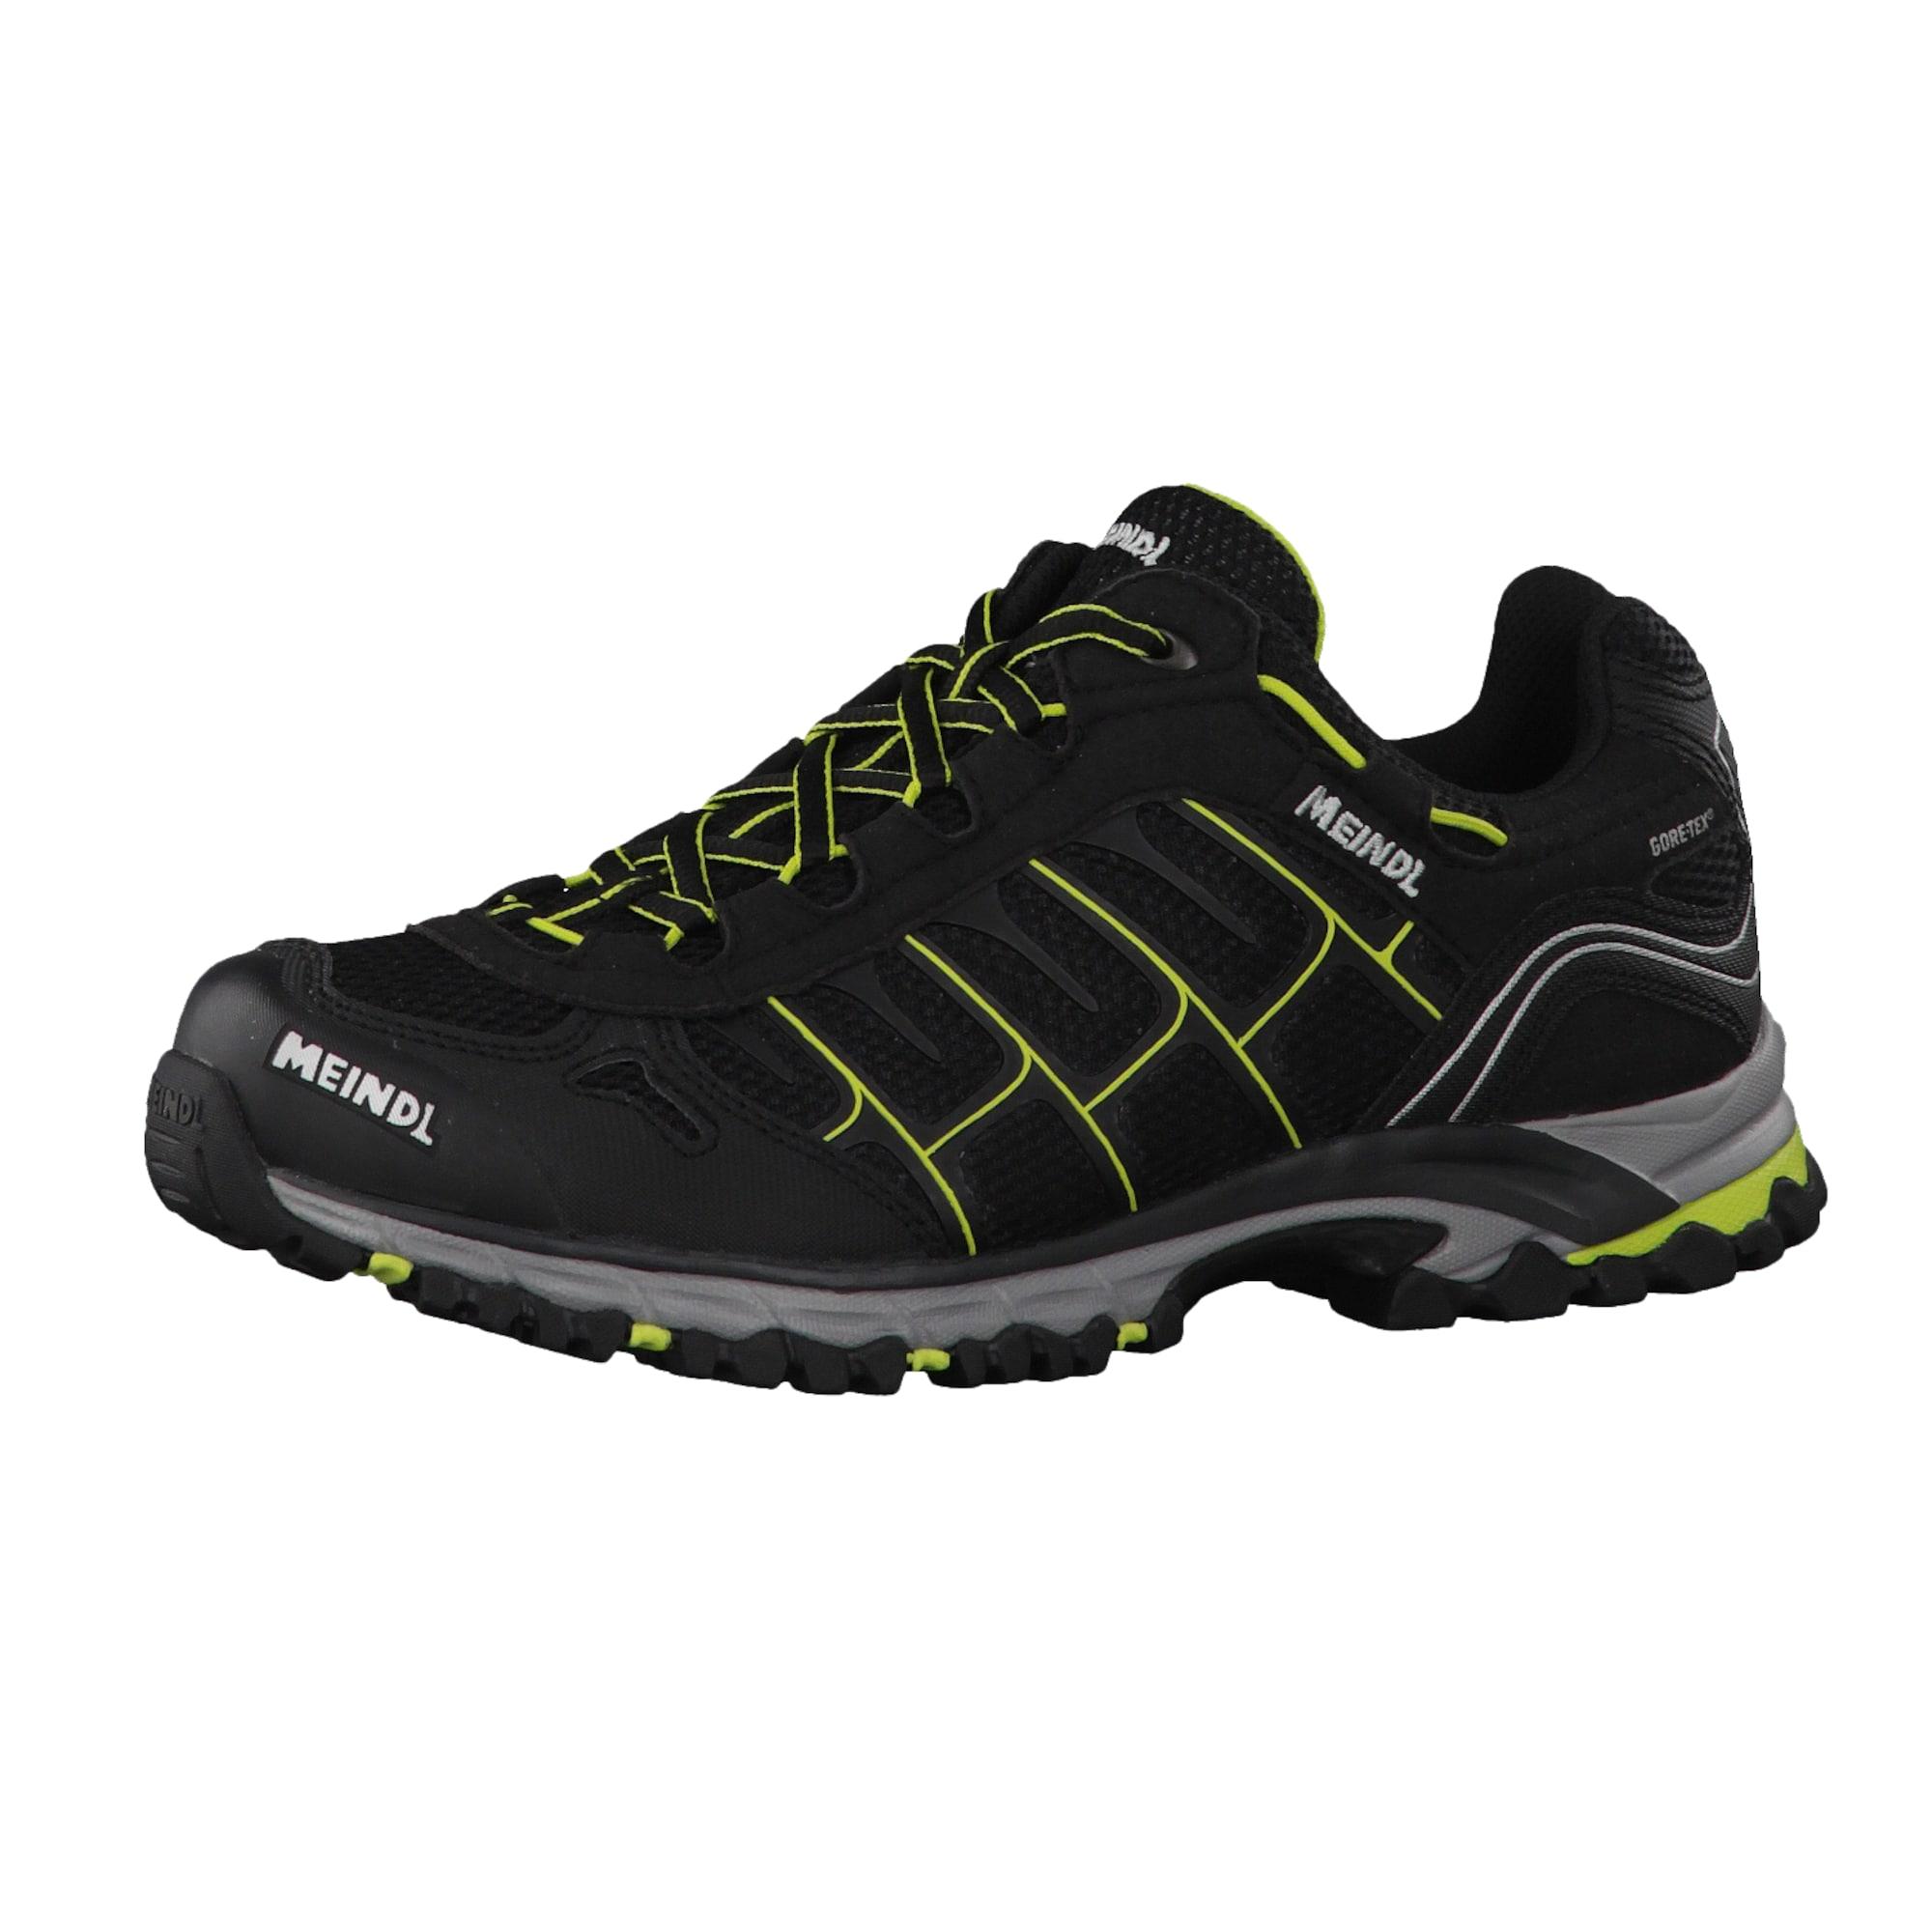 Hikingschuhe 'Cuba GTX 3018' | Schuhe > Outdoorschuhe > Hikingschuhe | Schwarz | MEINDL